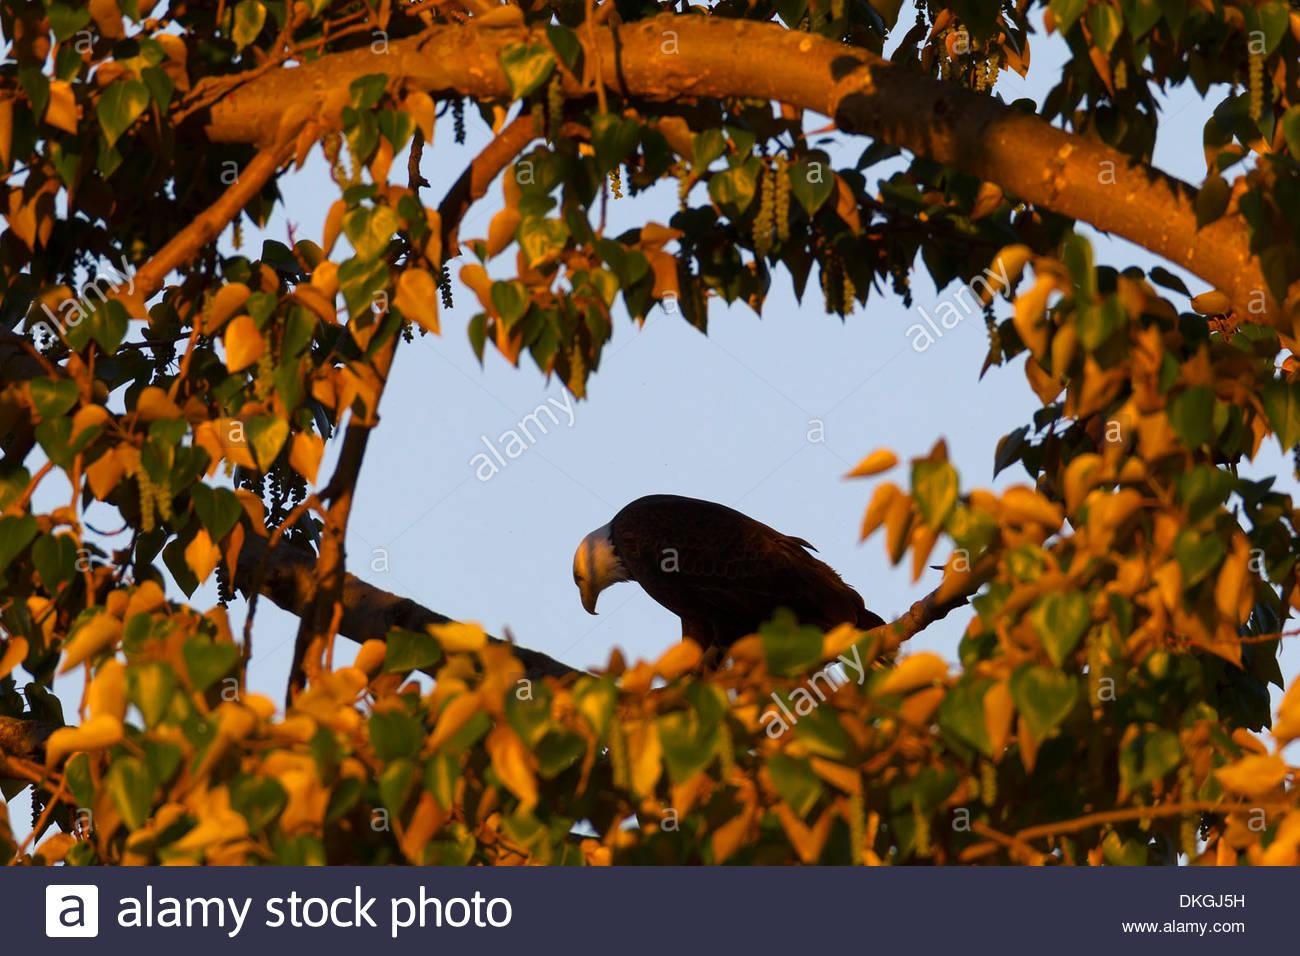 Ein Erwachsener Weißkopf-Seeadler (Haliaeetus Leucocephalus) schaut auf der Suche nach Nahrung aus seinem Ast in einem Pappel Baum. Stockbild